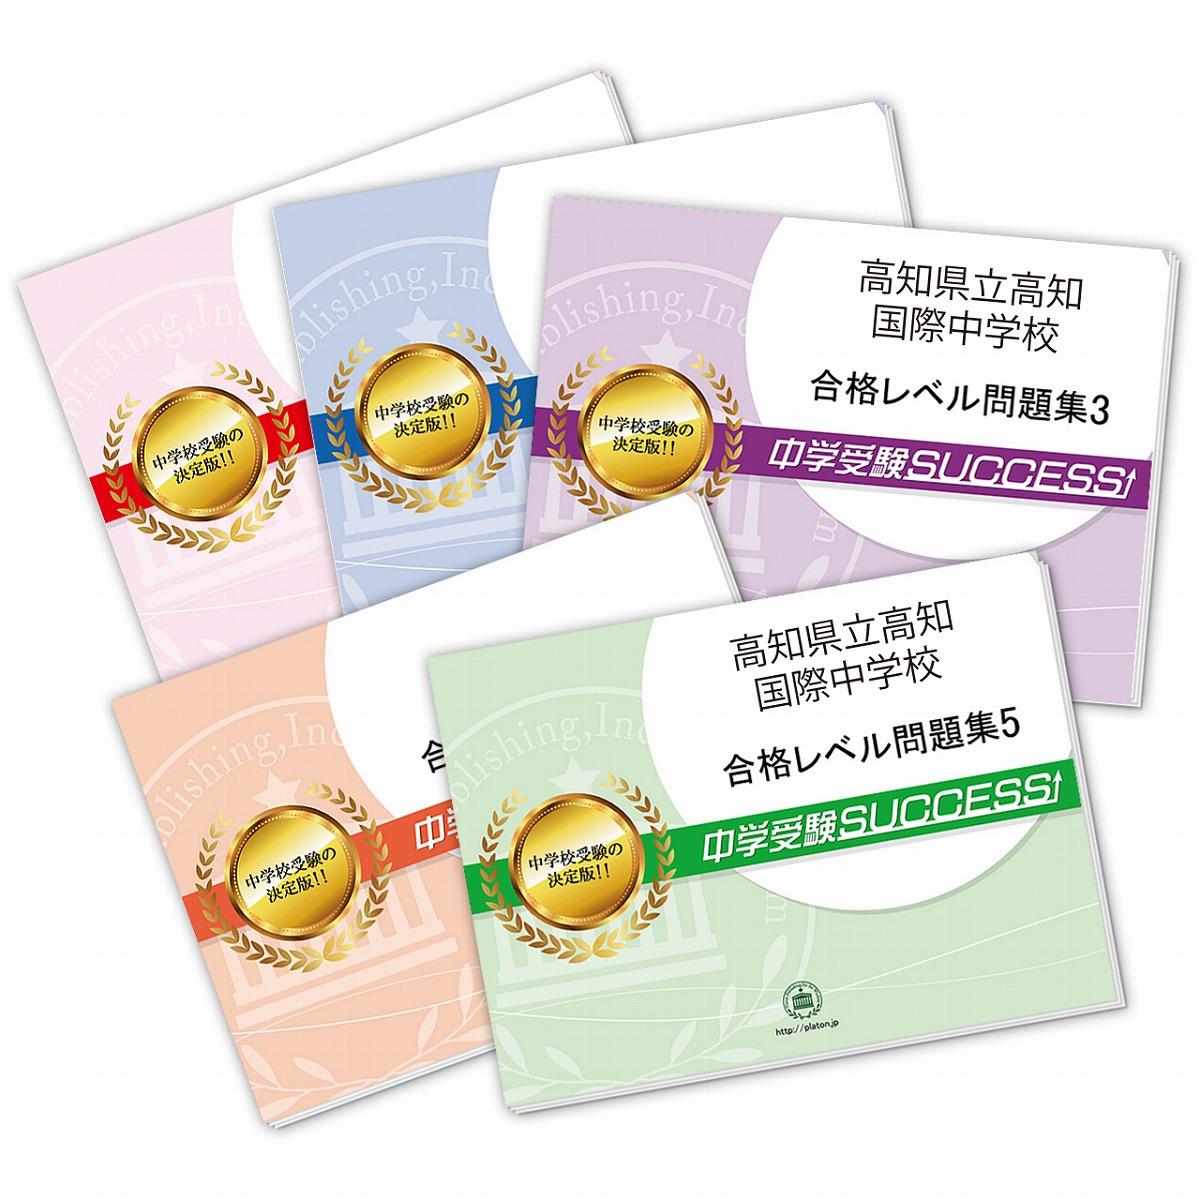 【送料・代引手数料無料】高知県立高知国際中学校・直前対策合格セット(5冊)